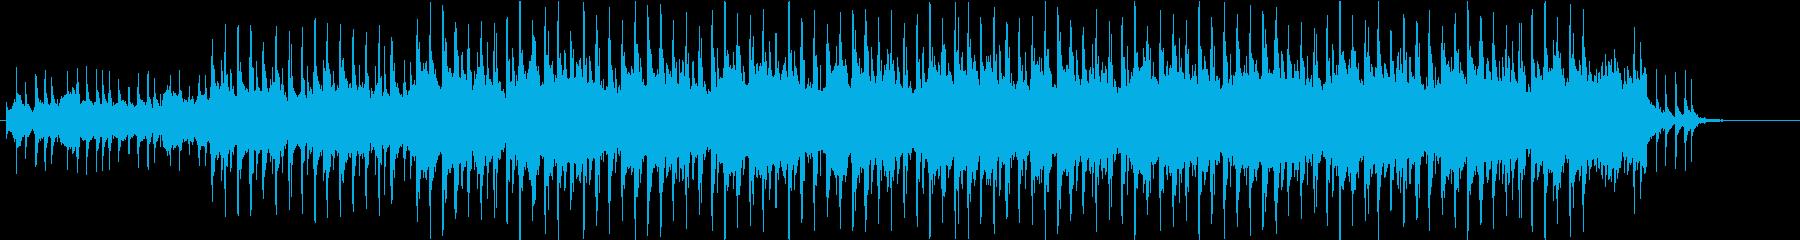 クール、挑戦、刺激的、VP系30Dの再生済みの波形